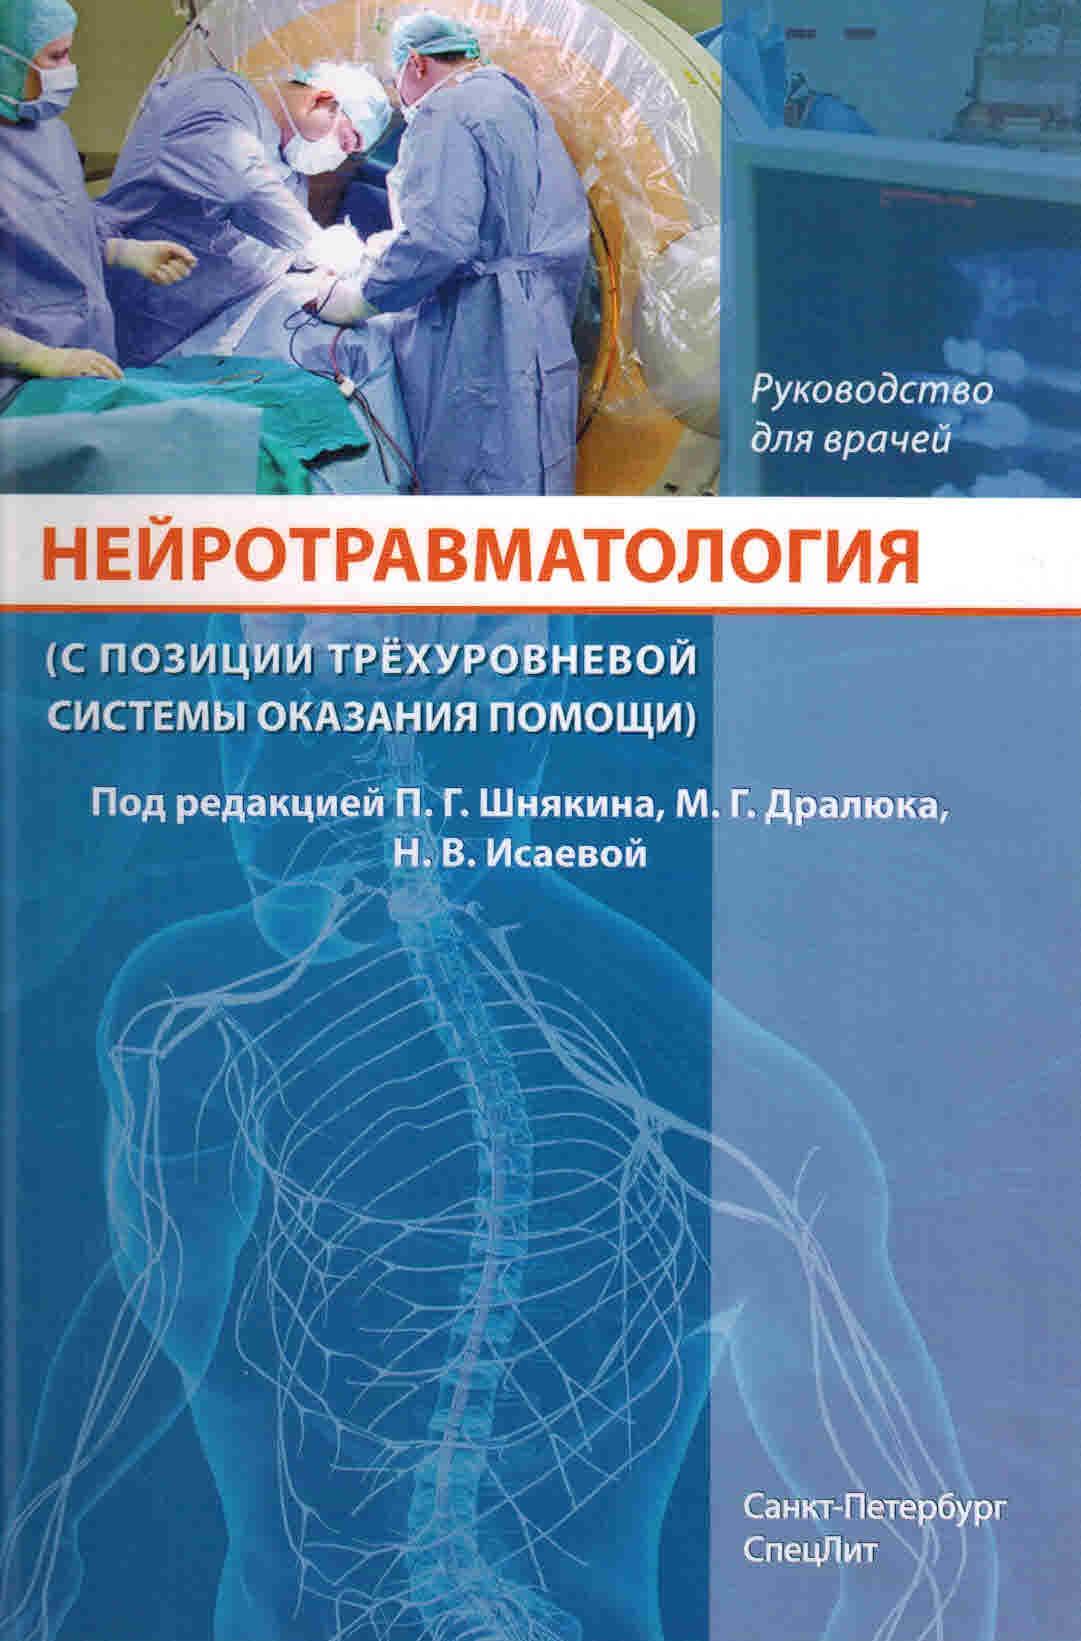 Лучшие книги по нейрохирургии Нейротравматология (с позиции трехуровневой системы оказания помощи) neirotravmatologija.jpg